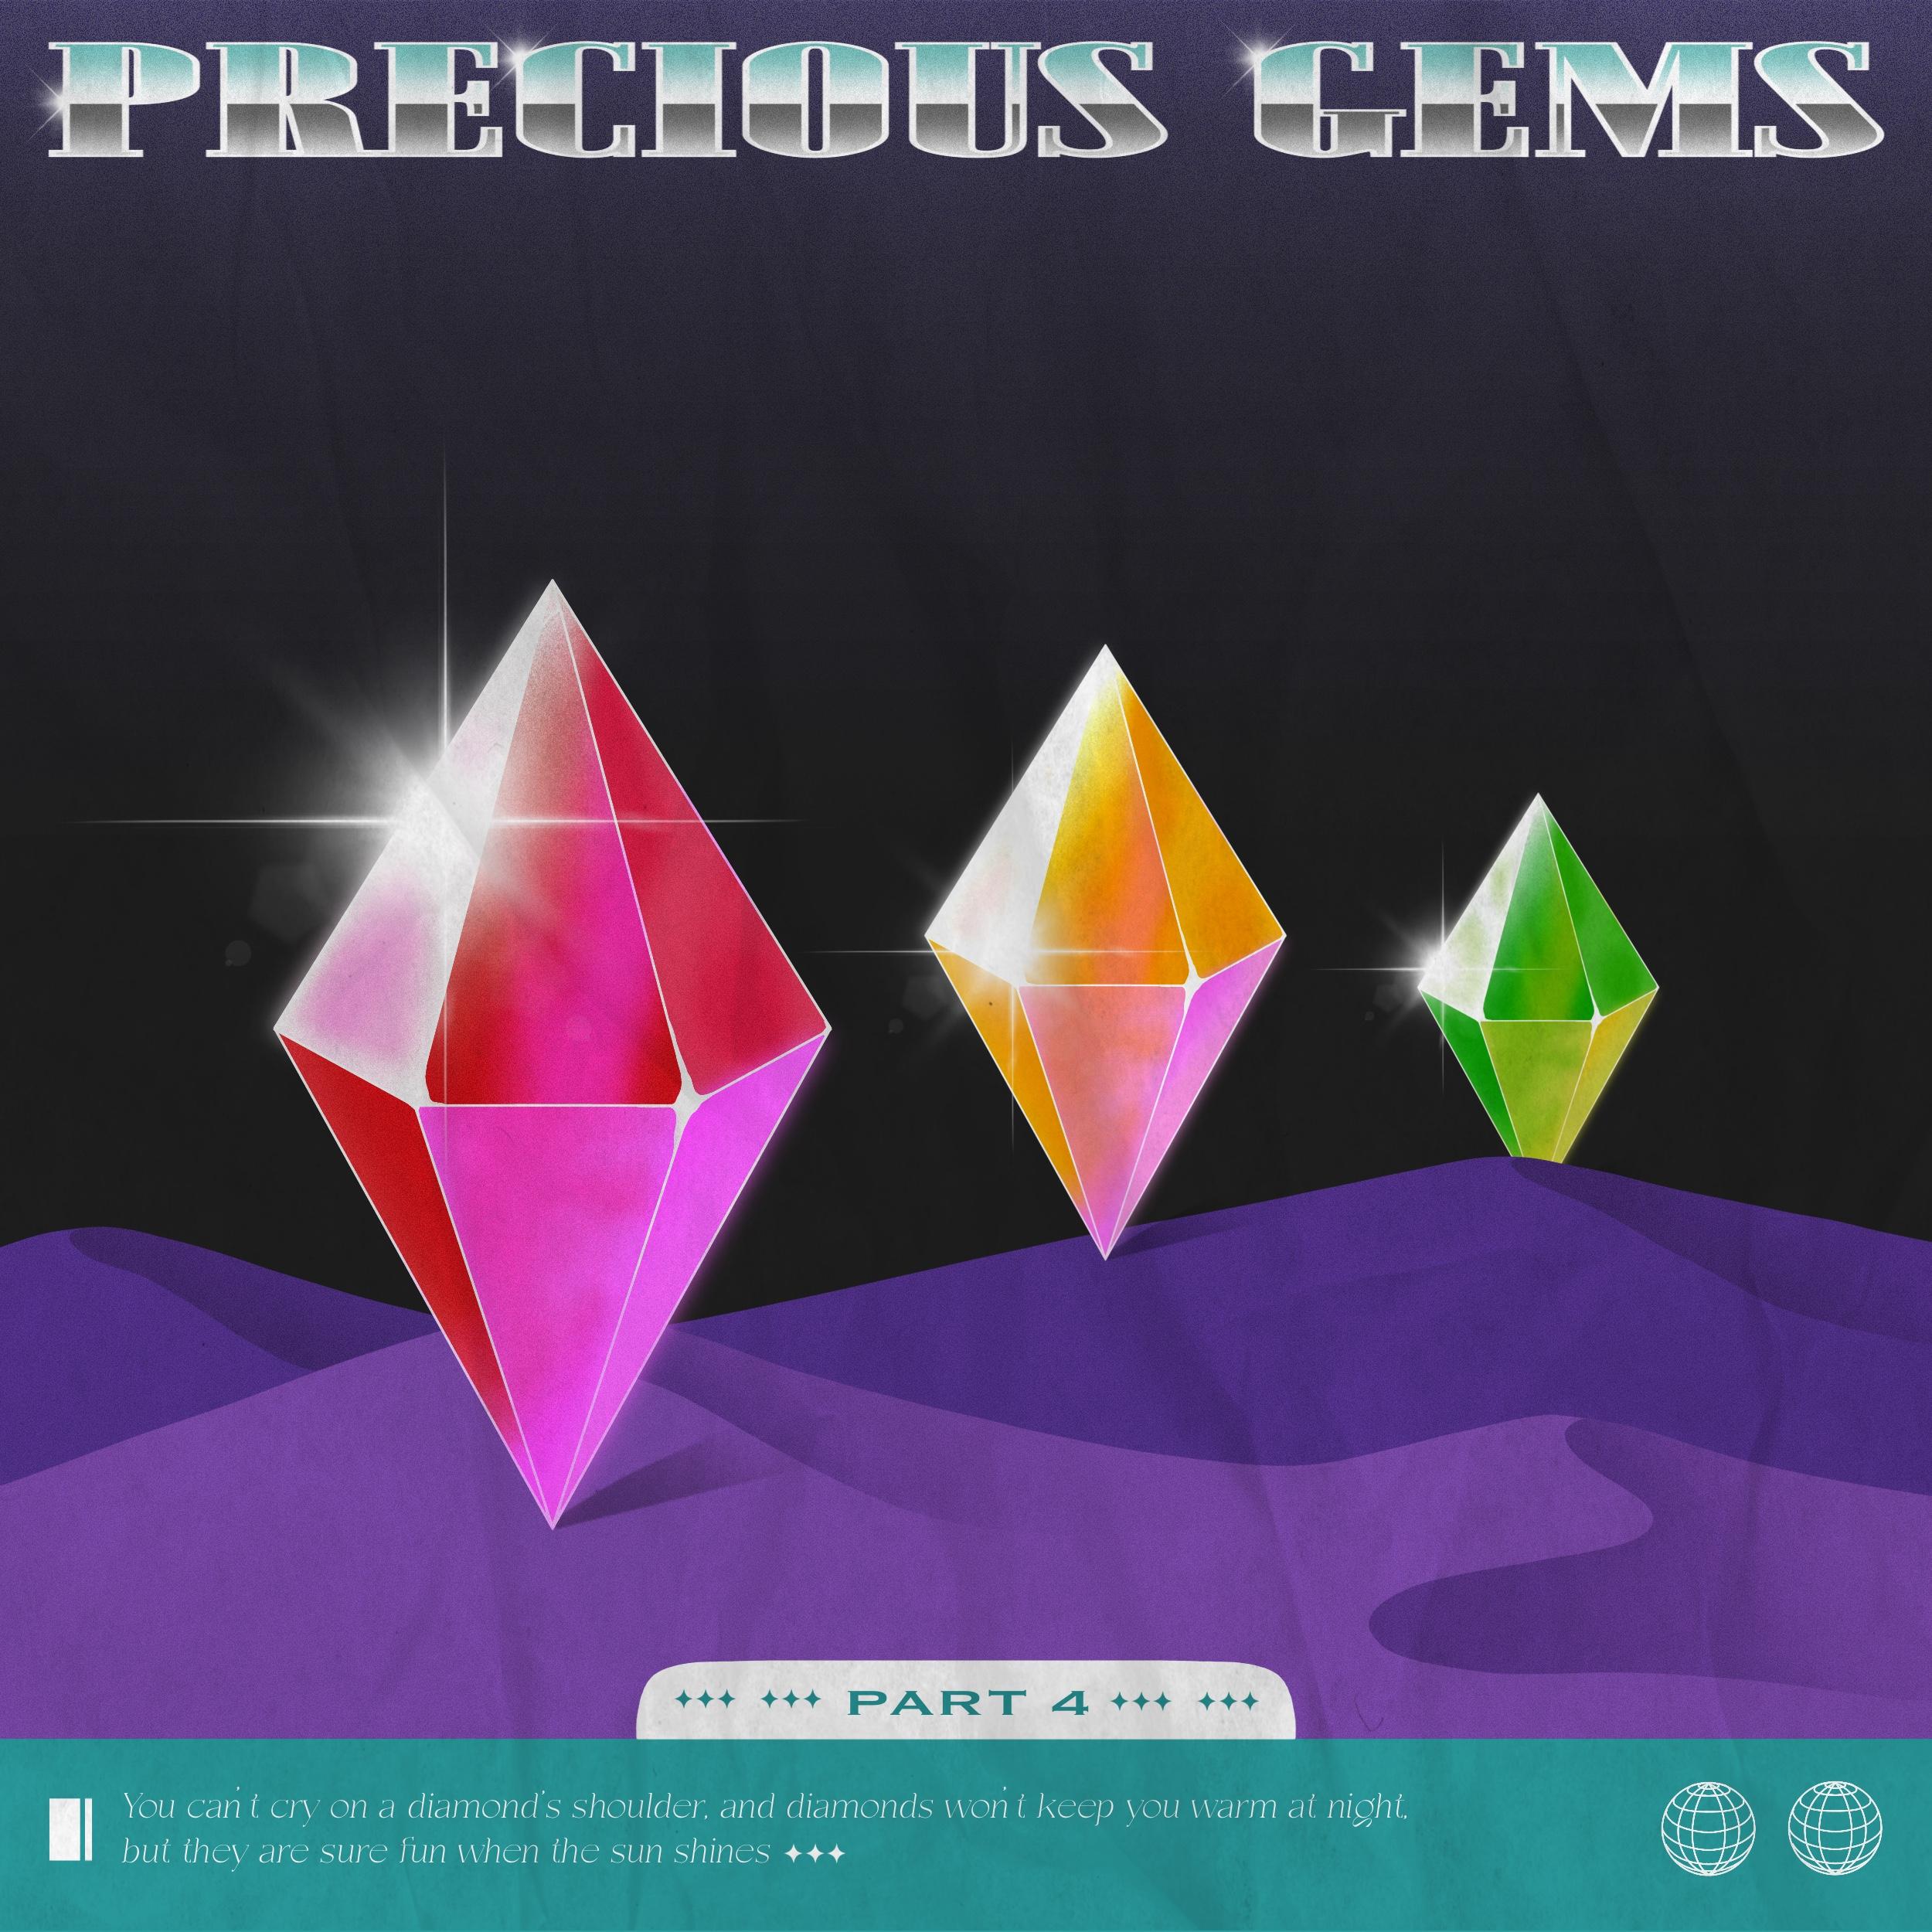 precious gems pt 4